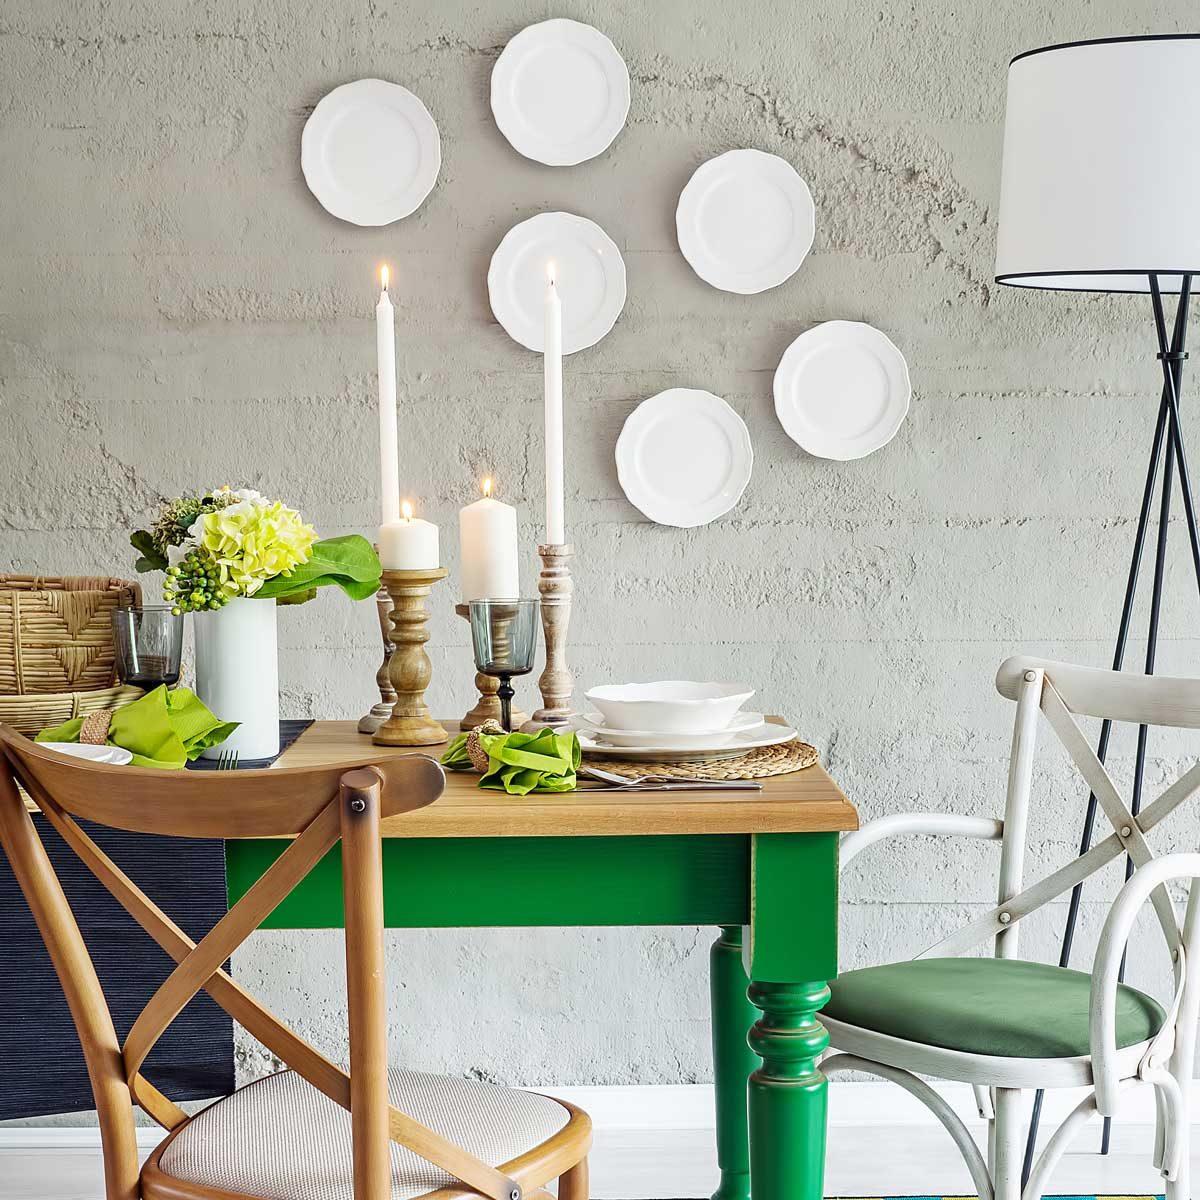 Fun Dining Room Wall Décor Ideas | Family Handyman on Decor For Room  id=15206